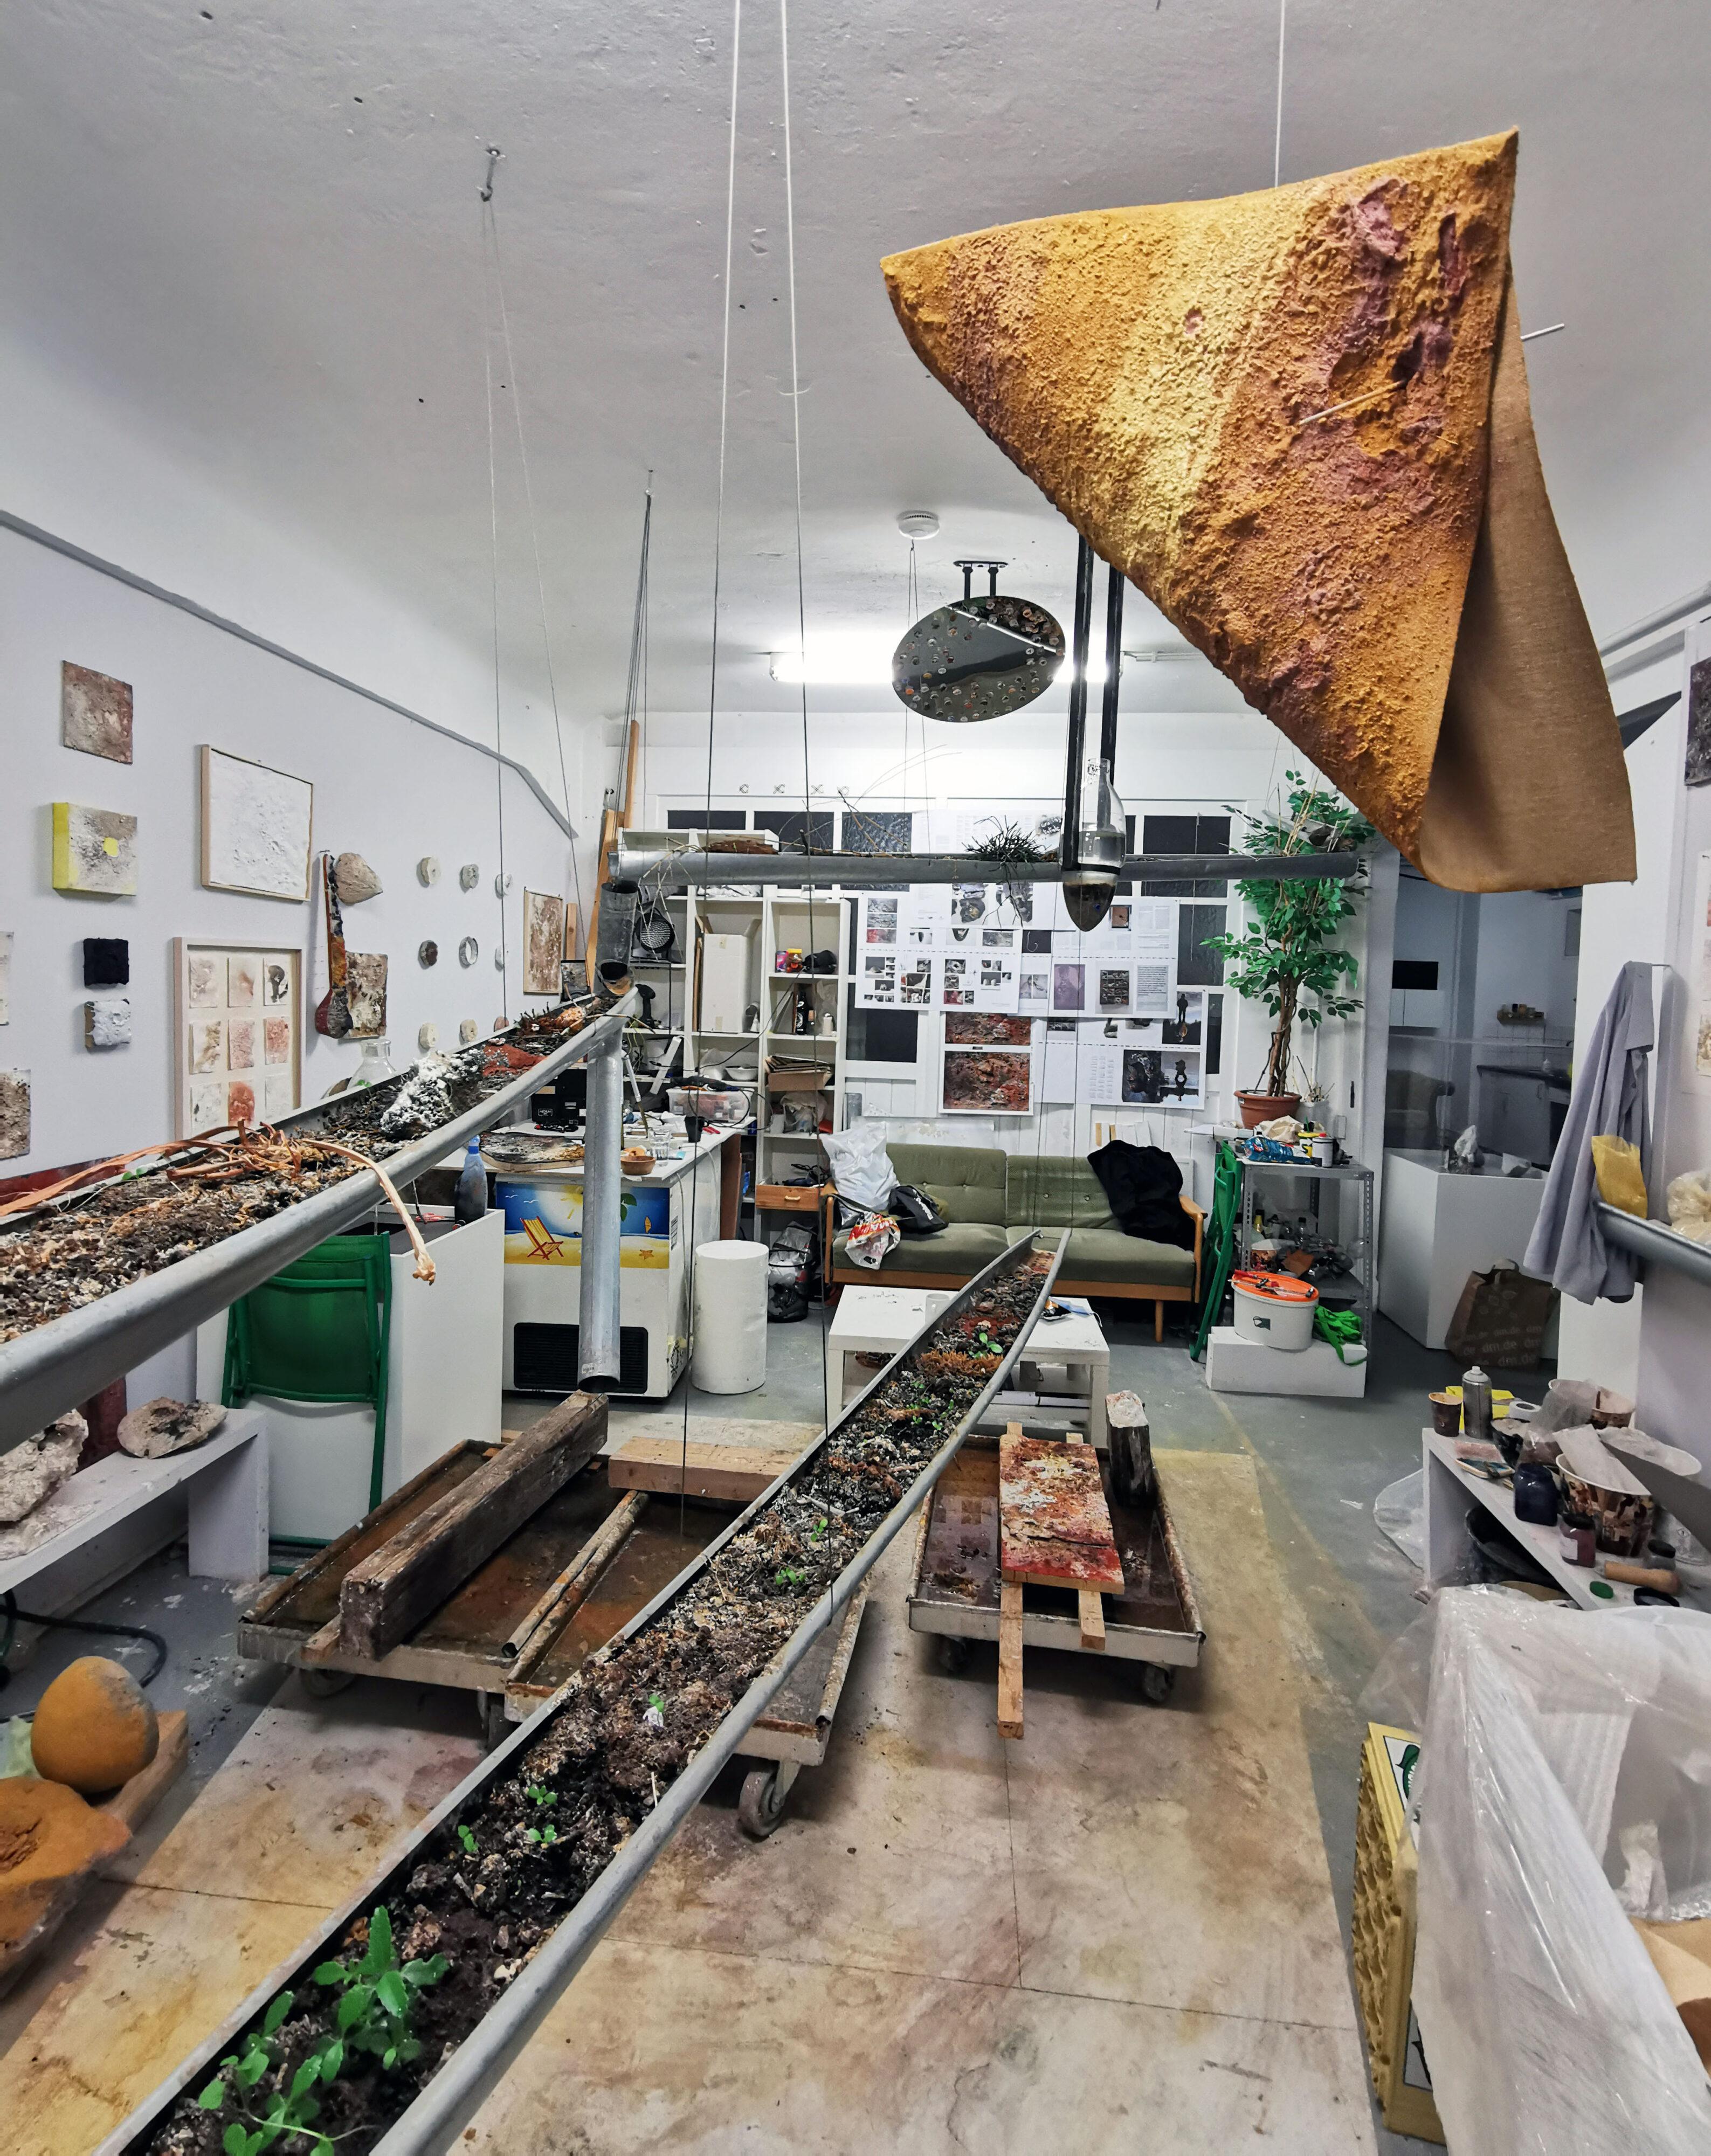 Freie Galerie jpeg Bild teen